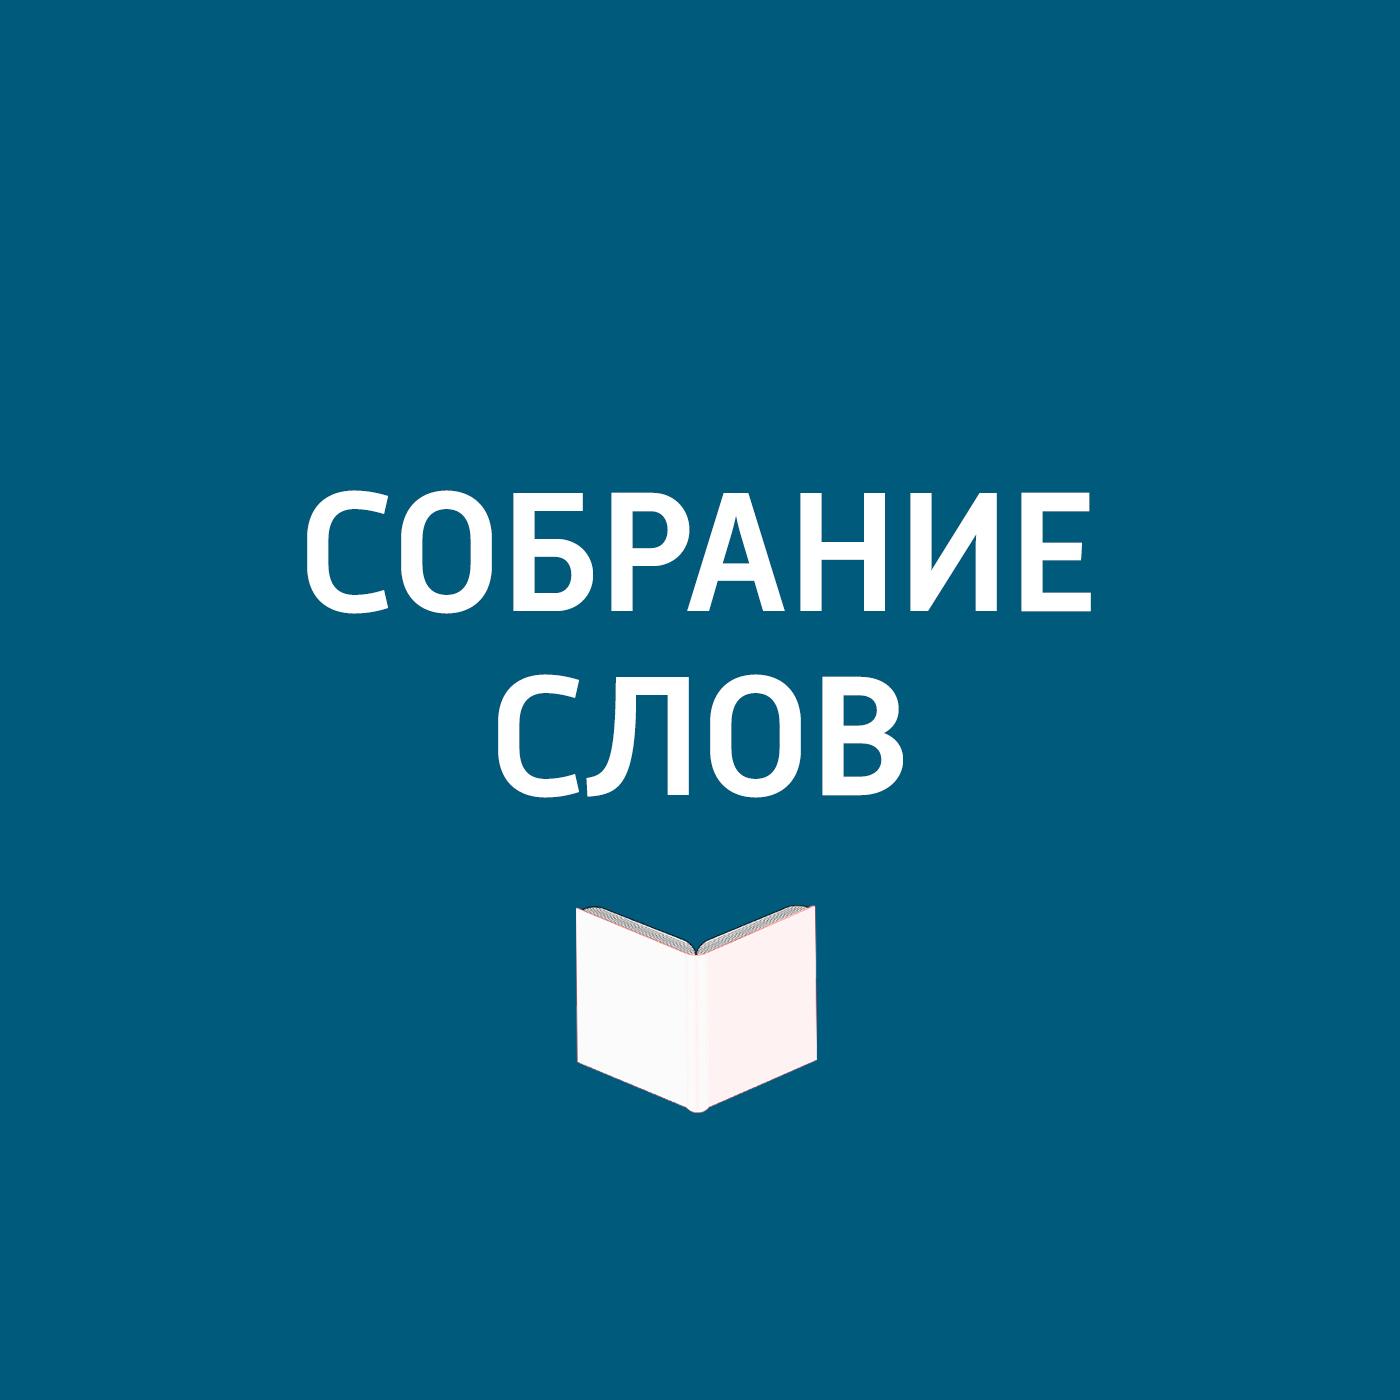 К 143-летию со дня рождения Всеволода Мейерхольда